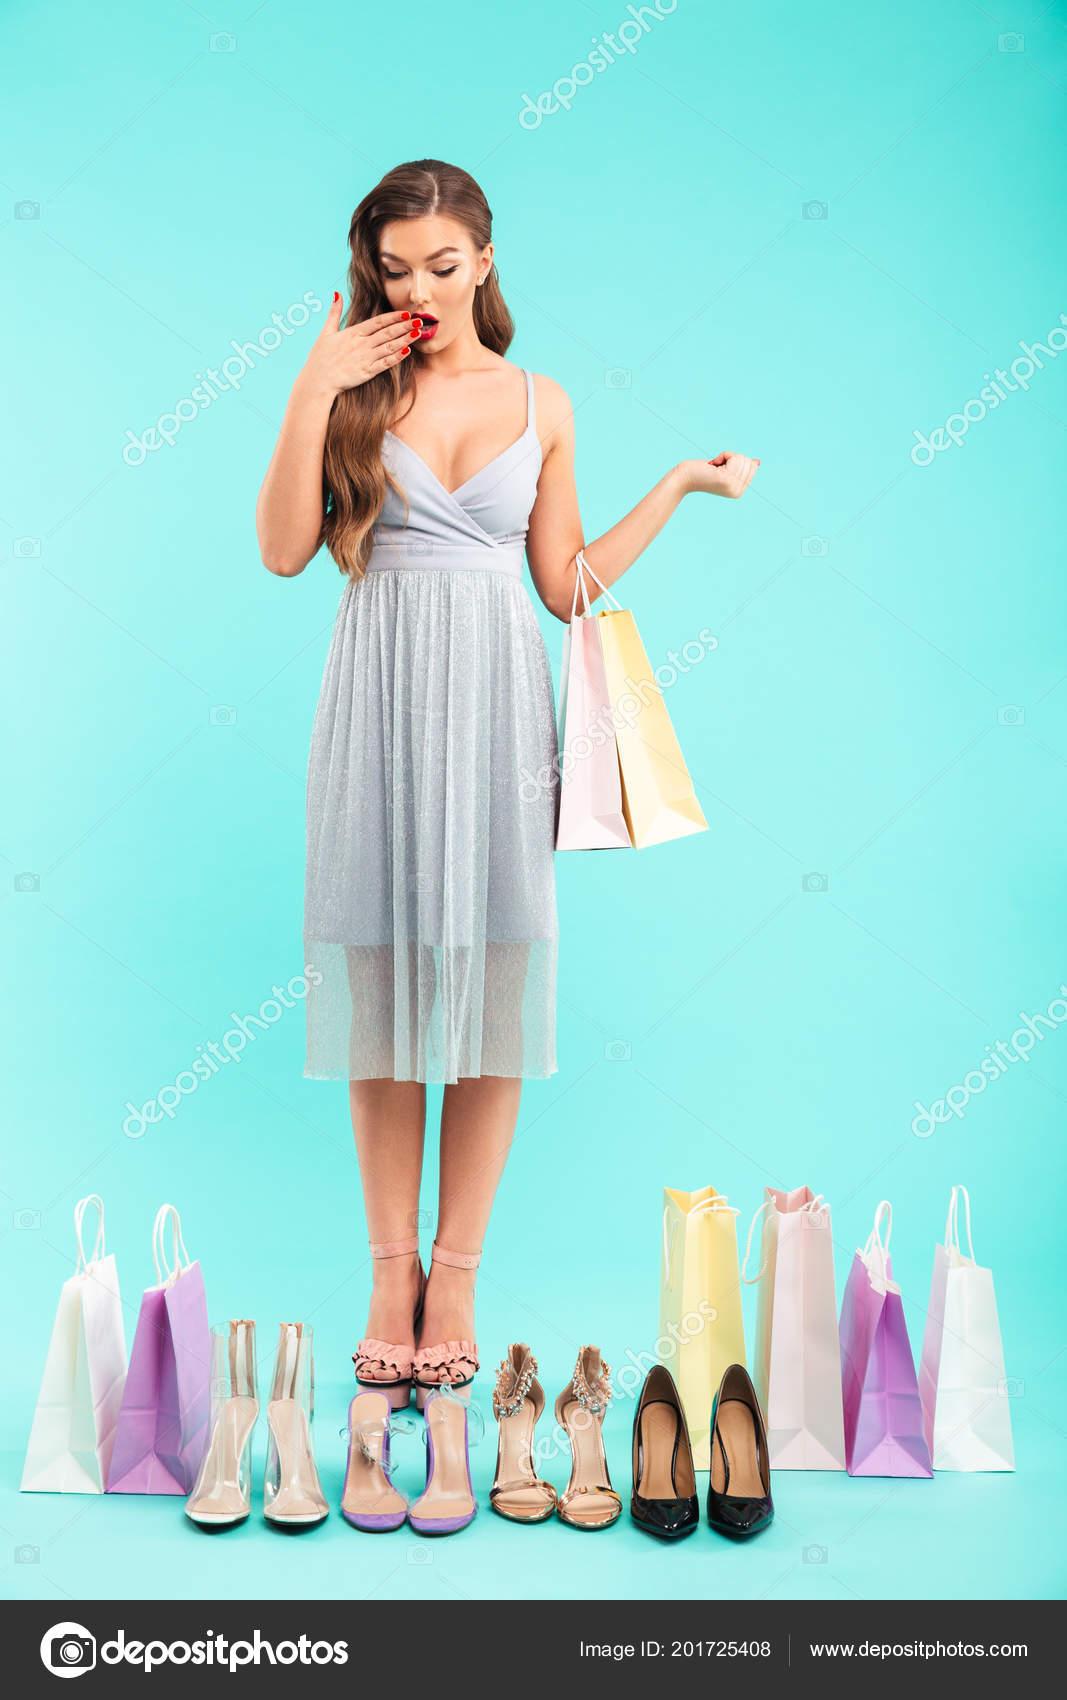 b97bbb1ba0af Foto Cuerpo Entero Mujer Joven Shopaholic 20S Vestido Comercial Dudar —  Fotos de Stock